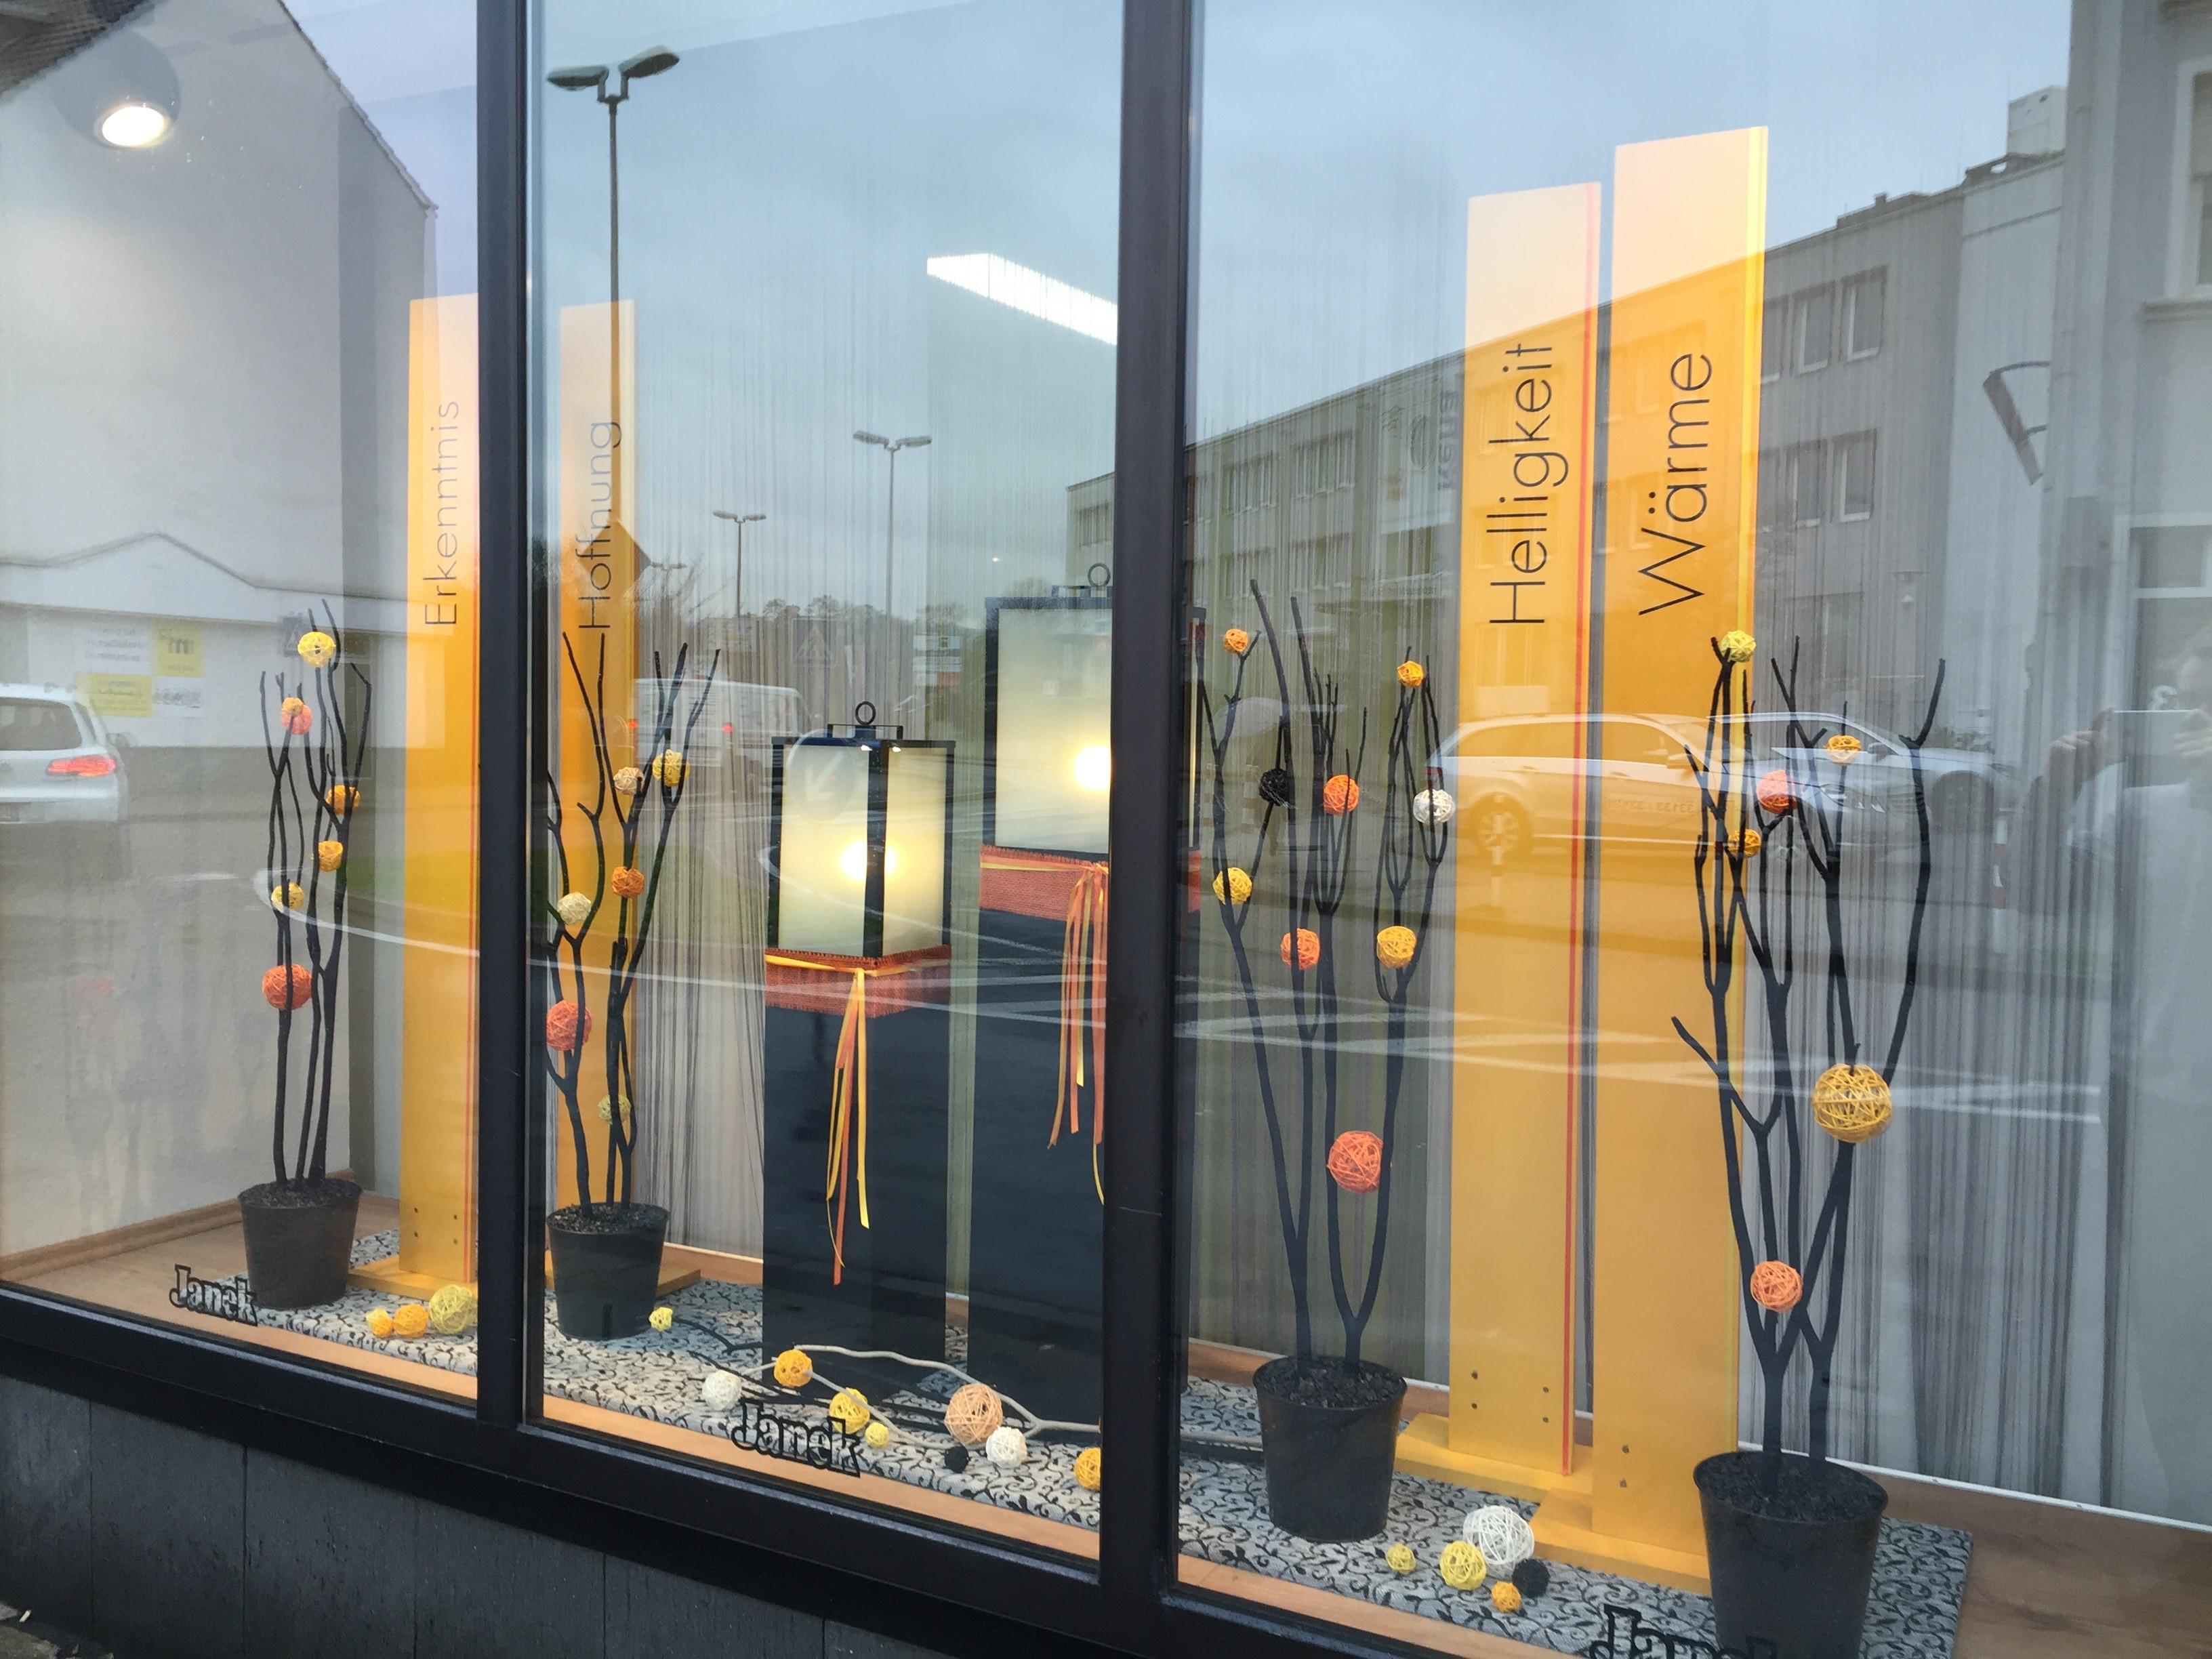 Unsere neue schaufensterdekoration beerdigungsinstitut for Schaufensterdekoration